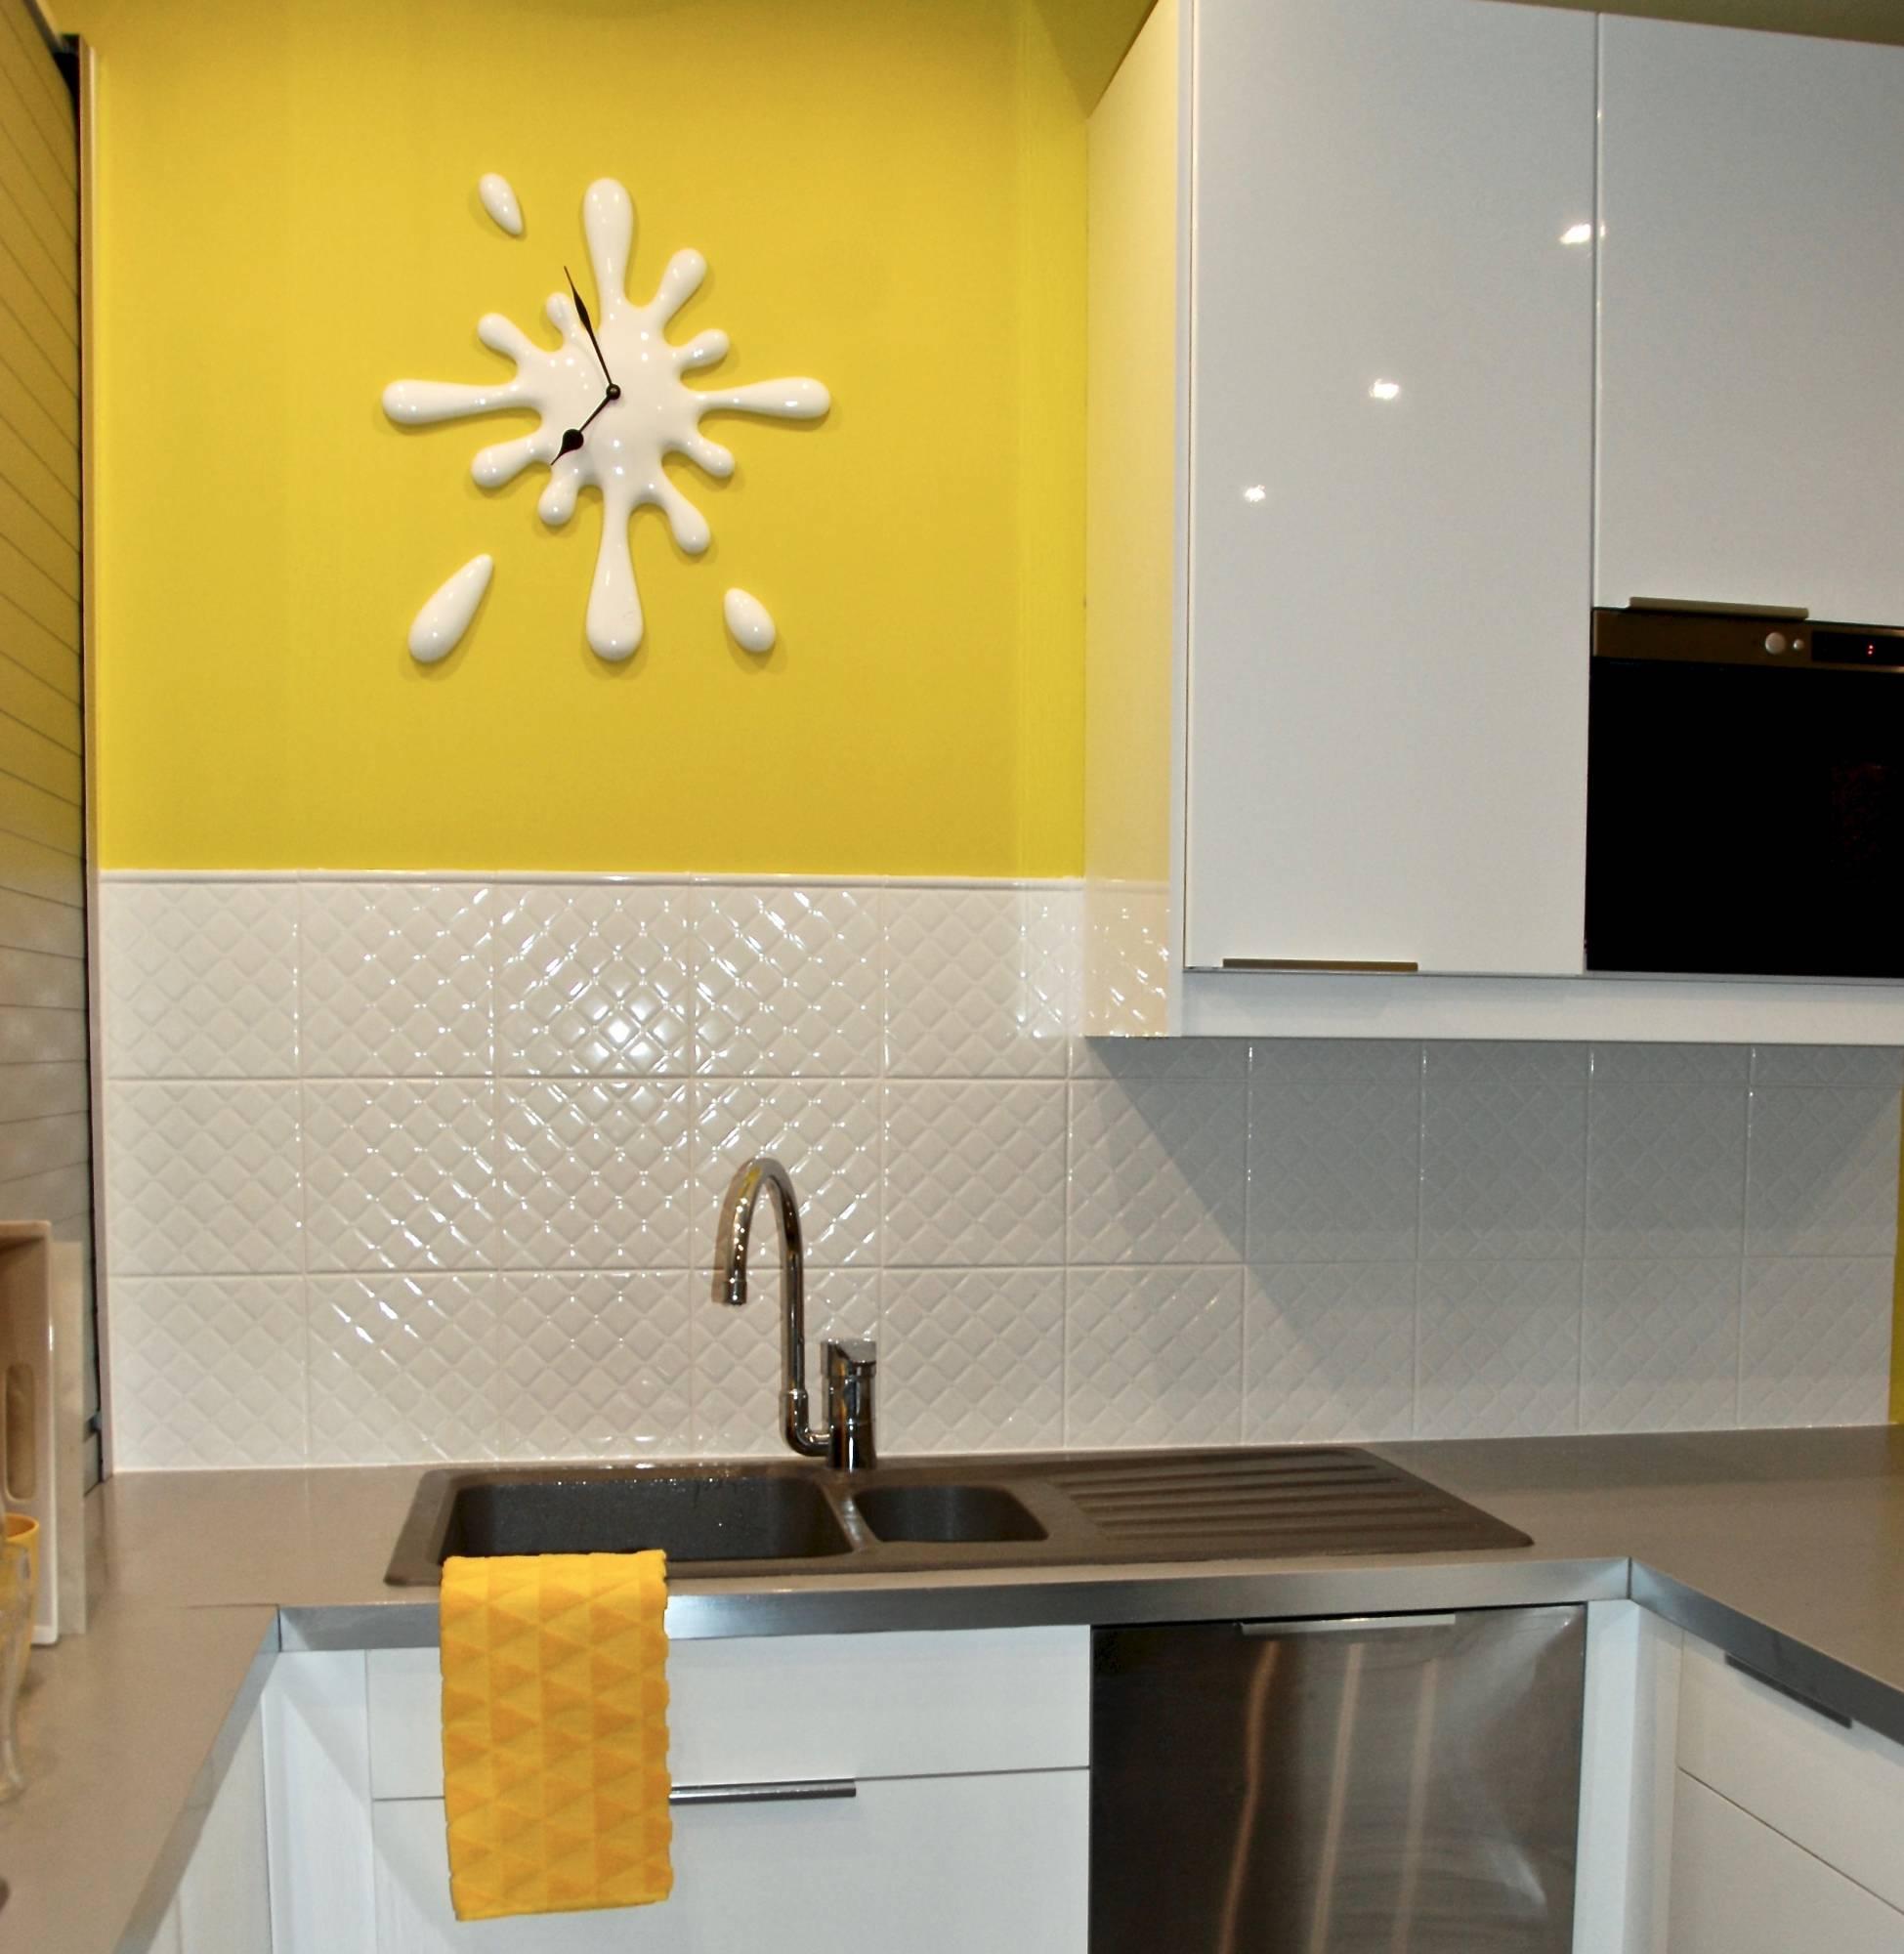 Cuisine Pas Cher Lyon vendeur de carrelage marbre pas cher lyon - diffusion ceramique